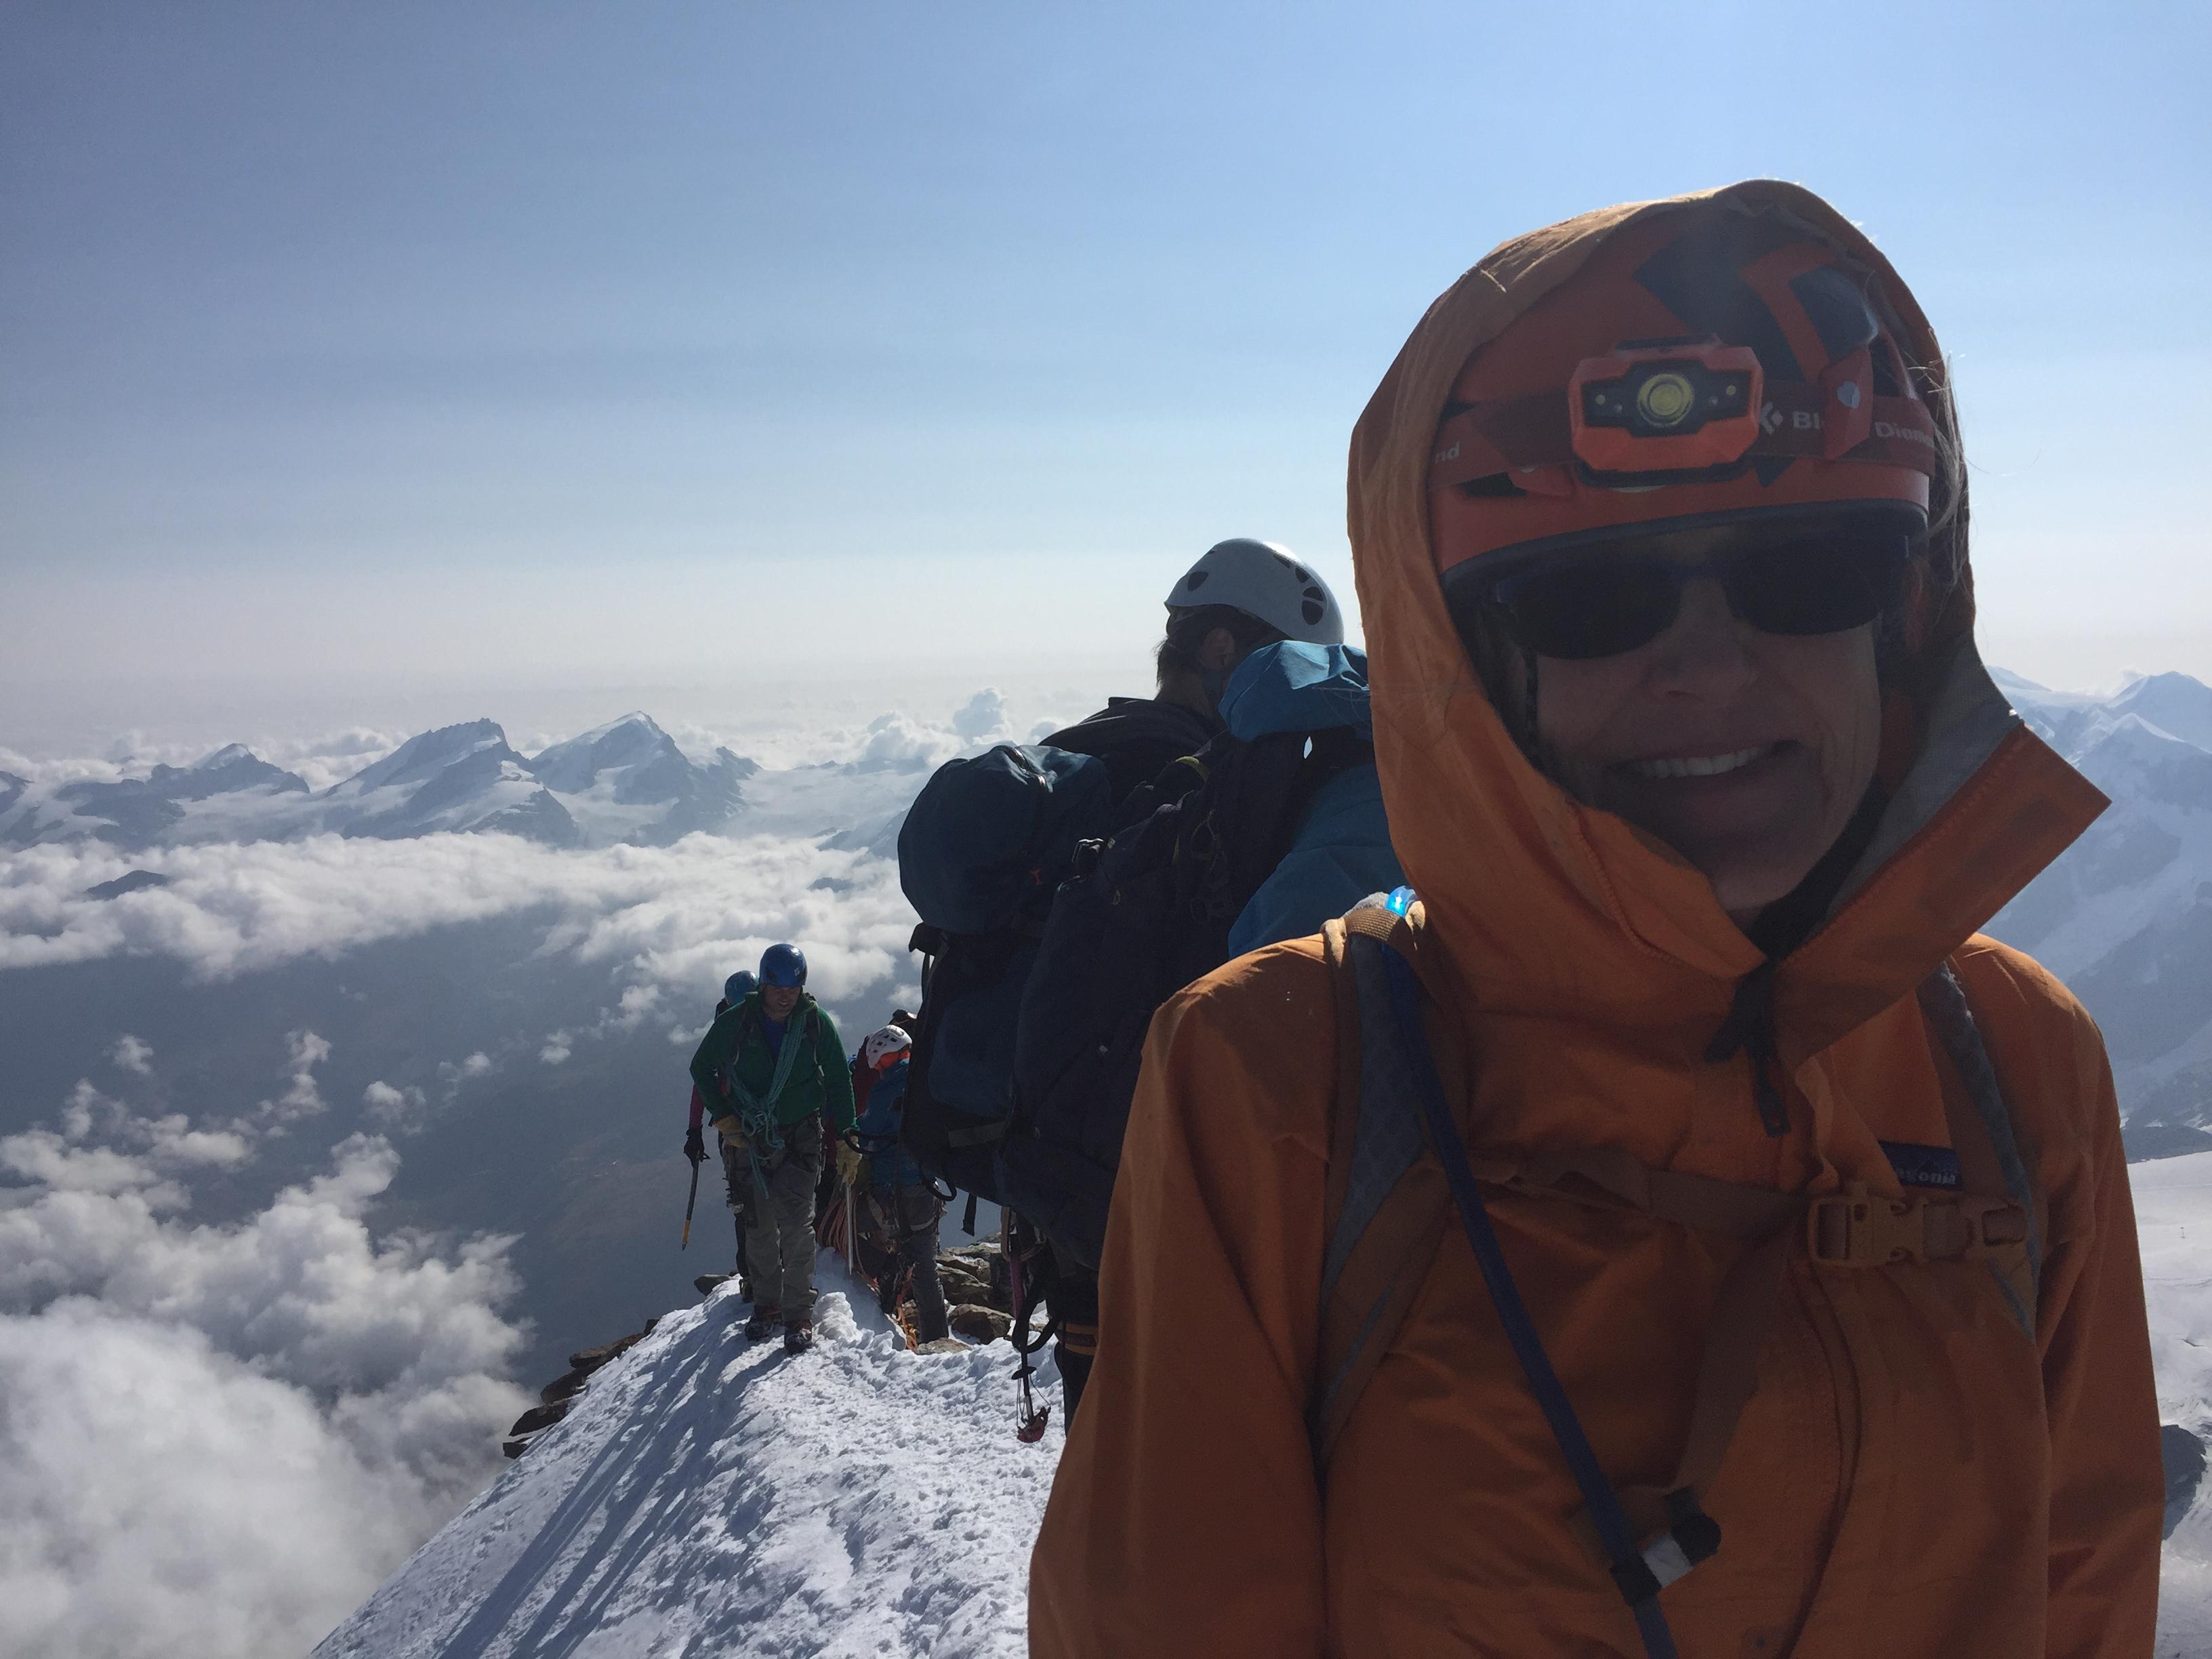 climb the matterhorn cervin Ross Hewitt Guiding 4